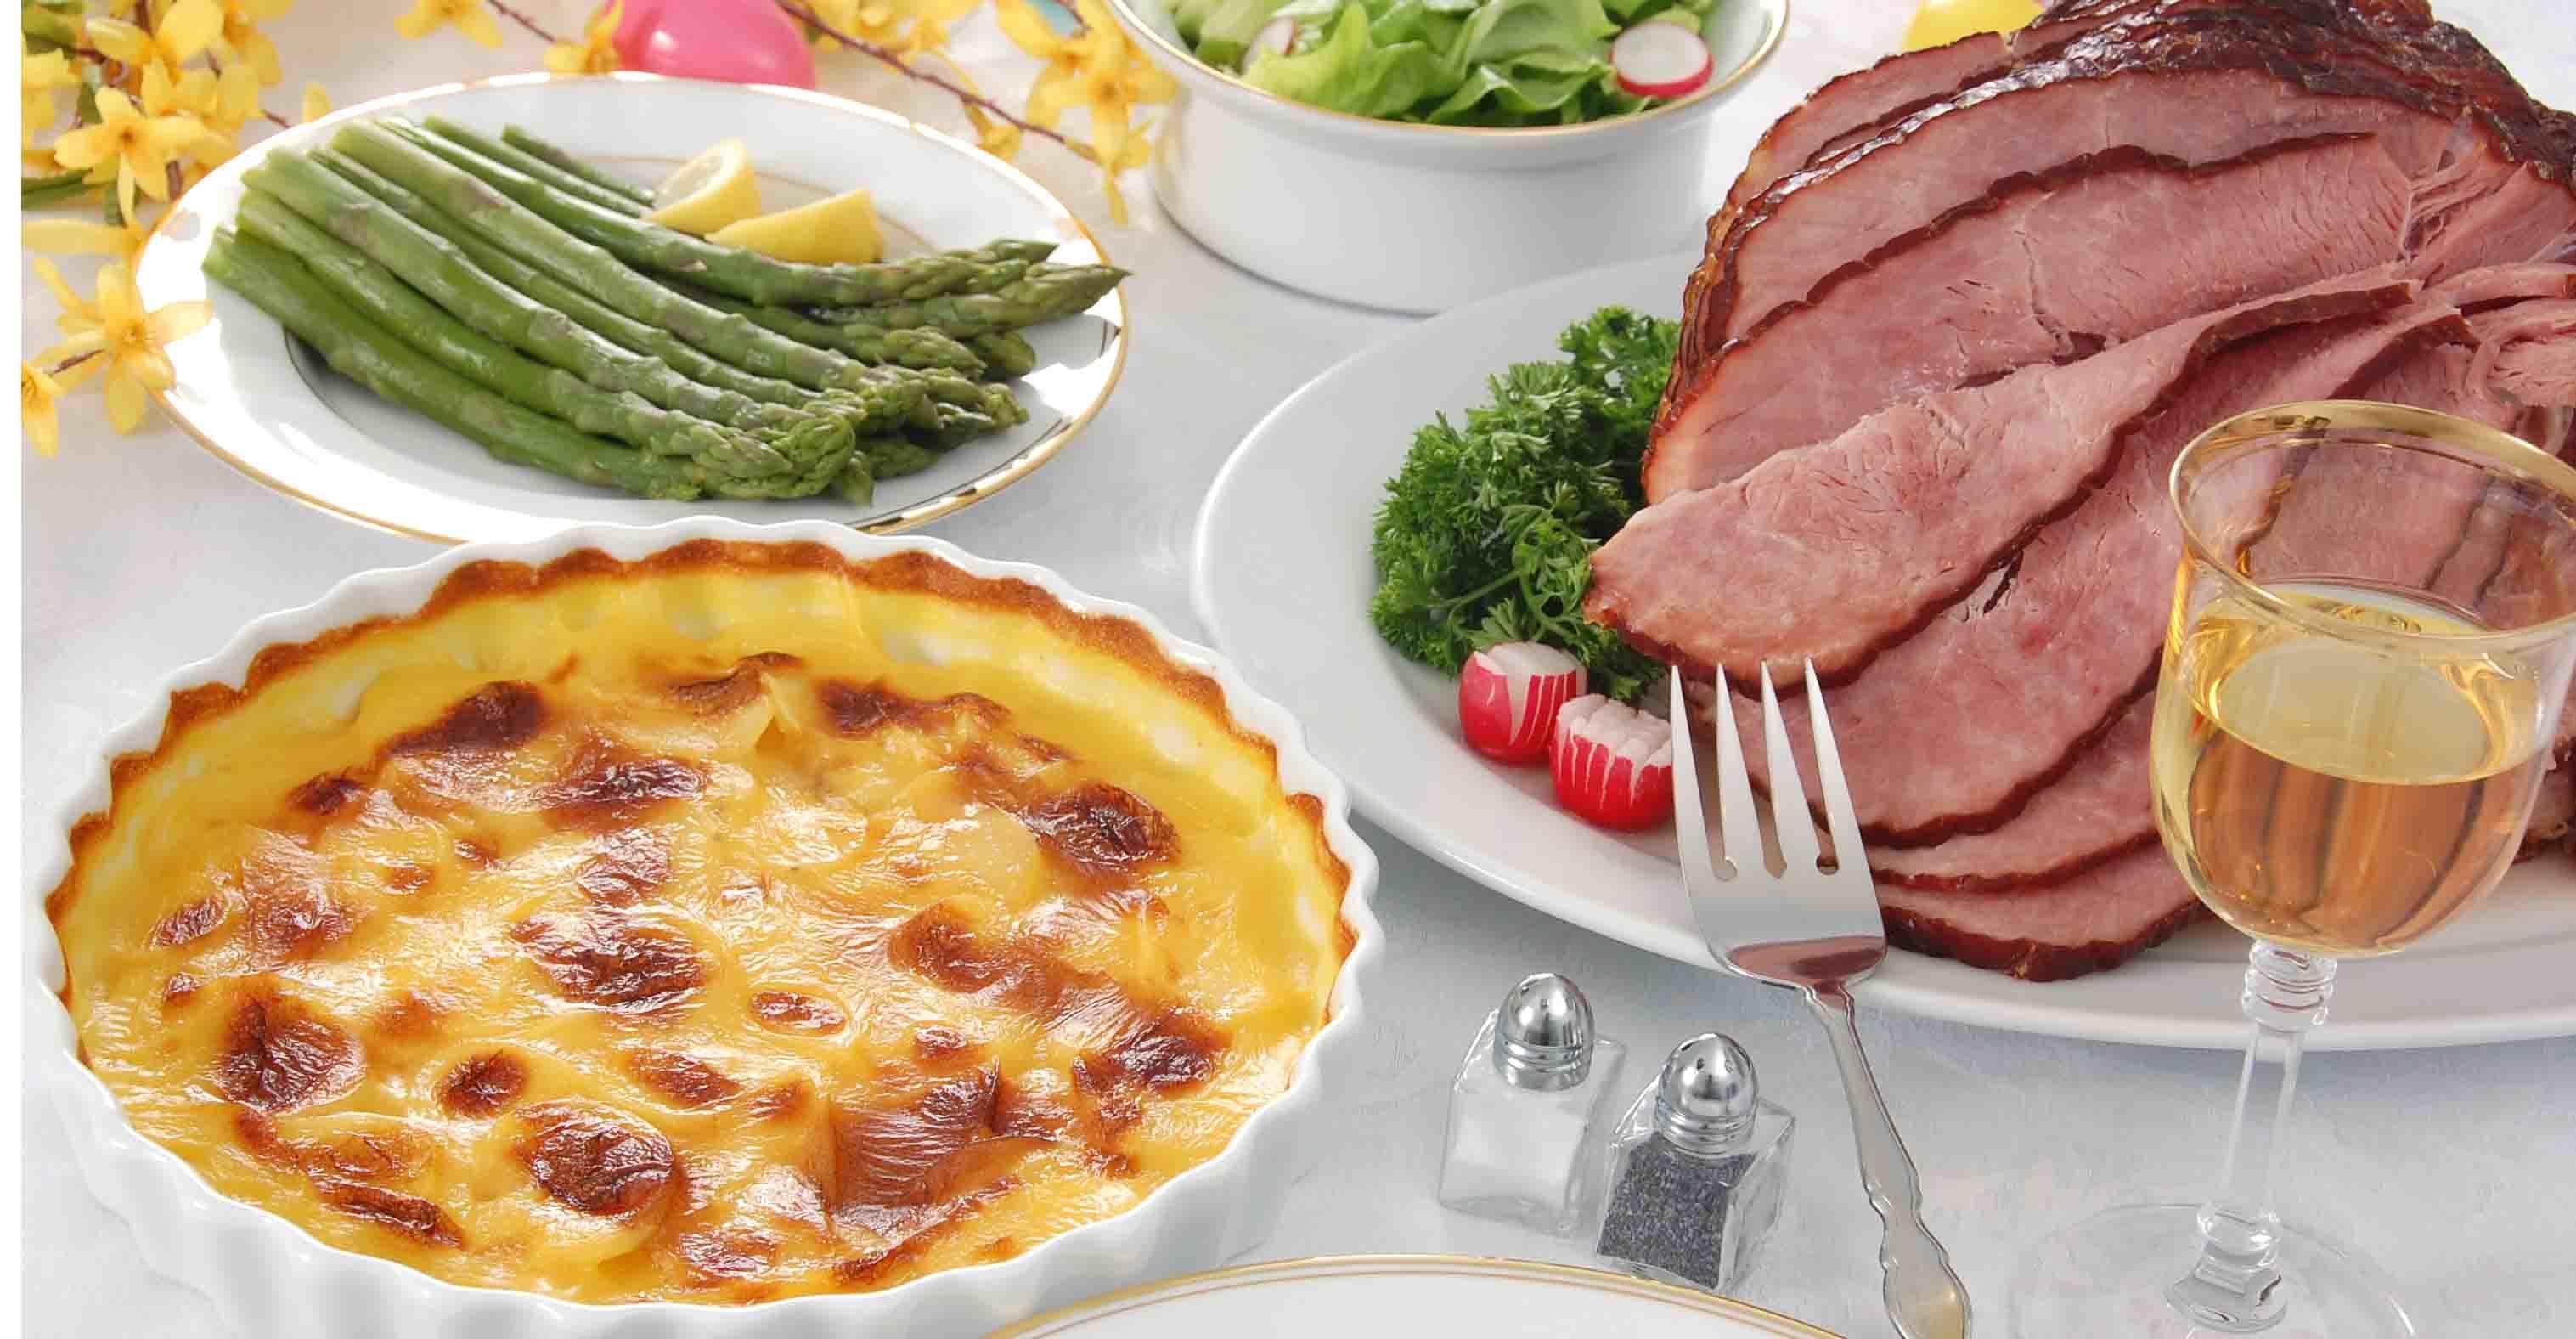 Easter 2019 Dinner  2019 Easter Sales Deals & Specials